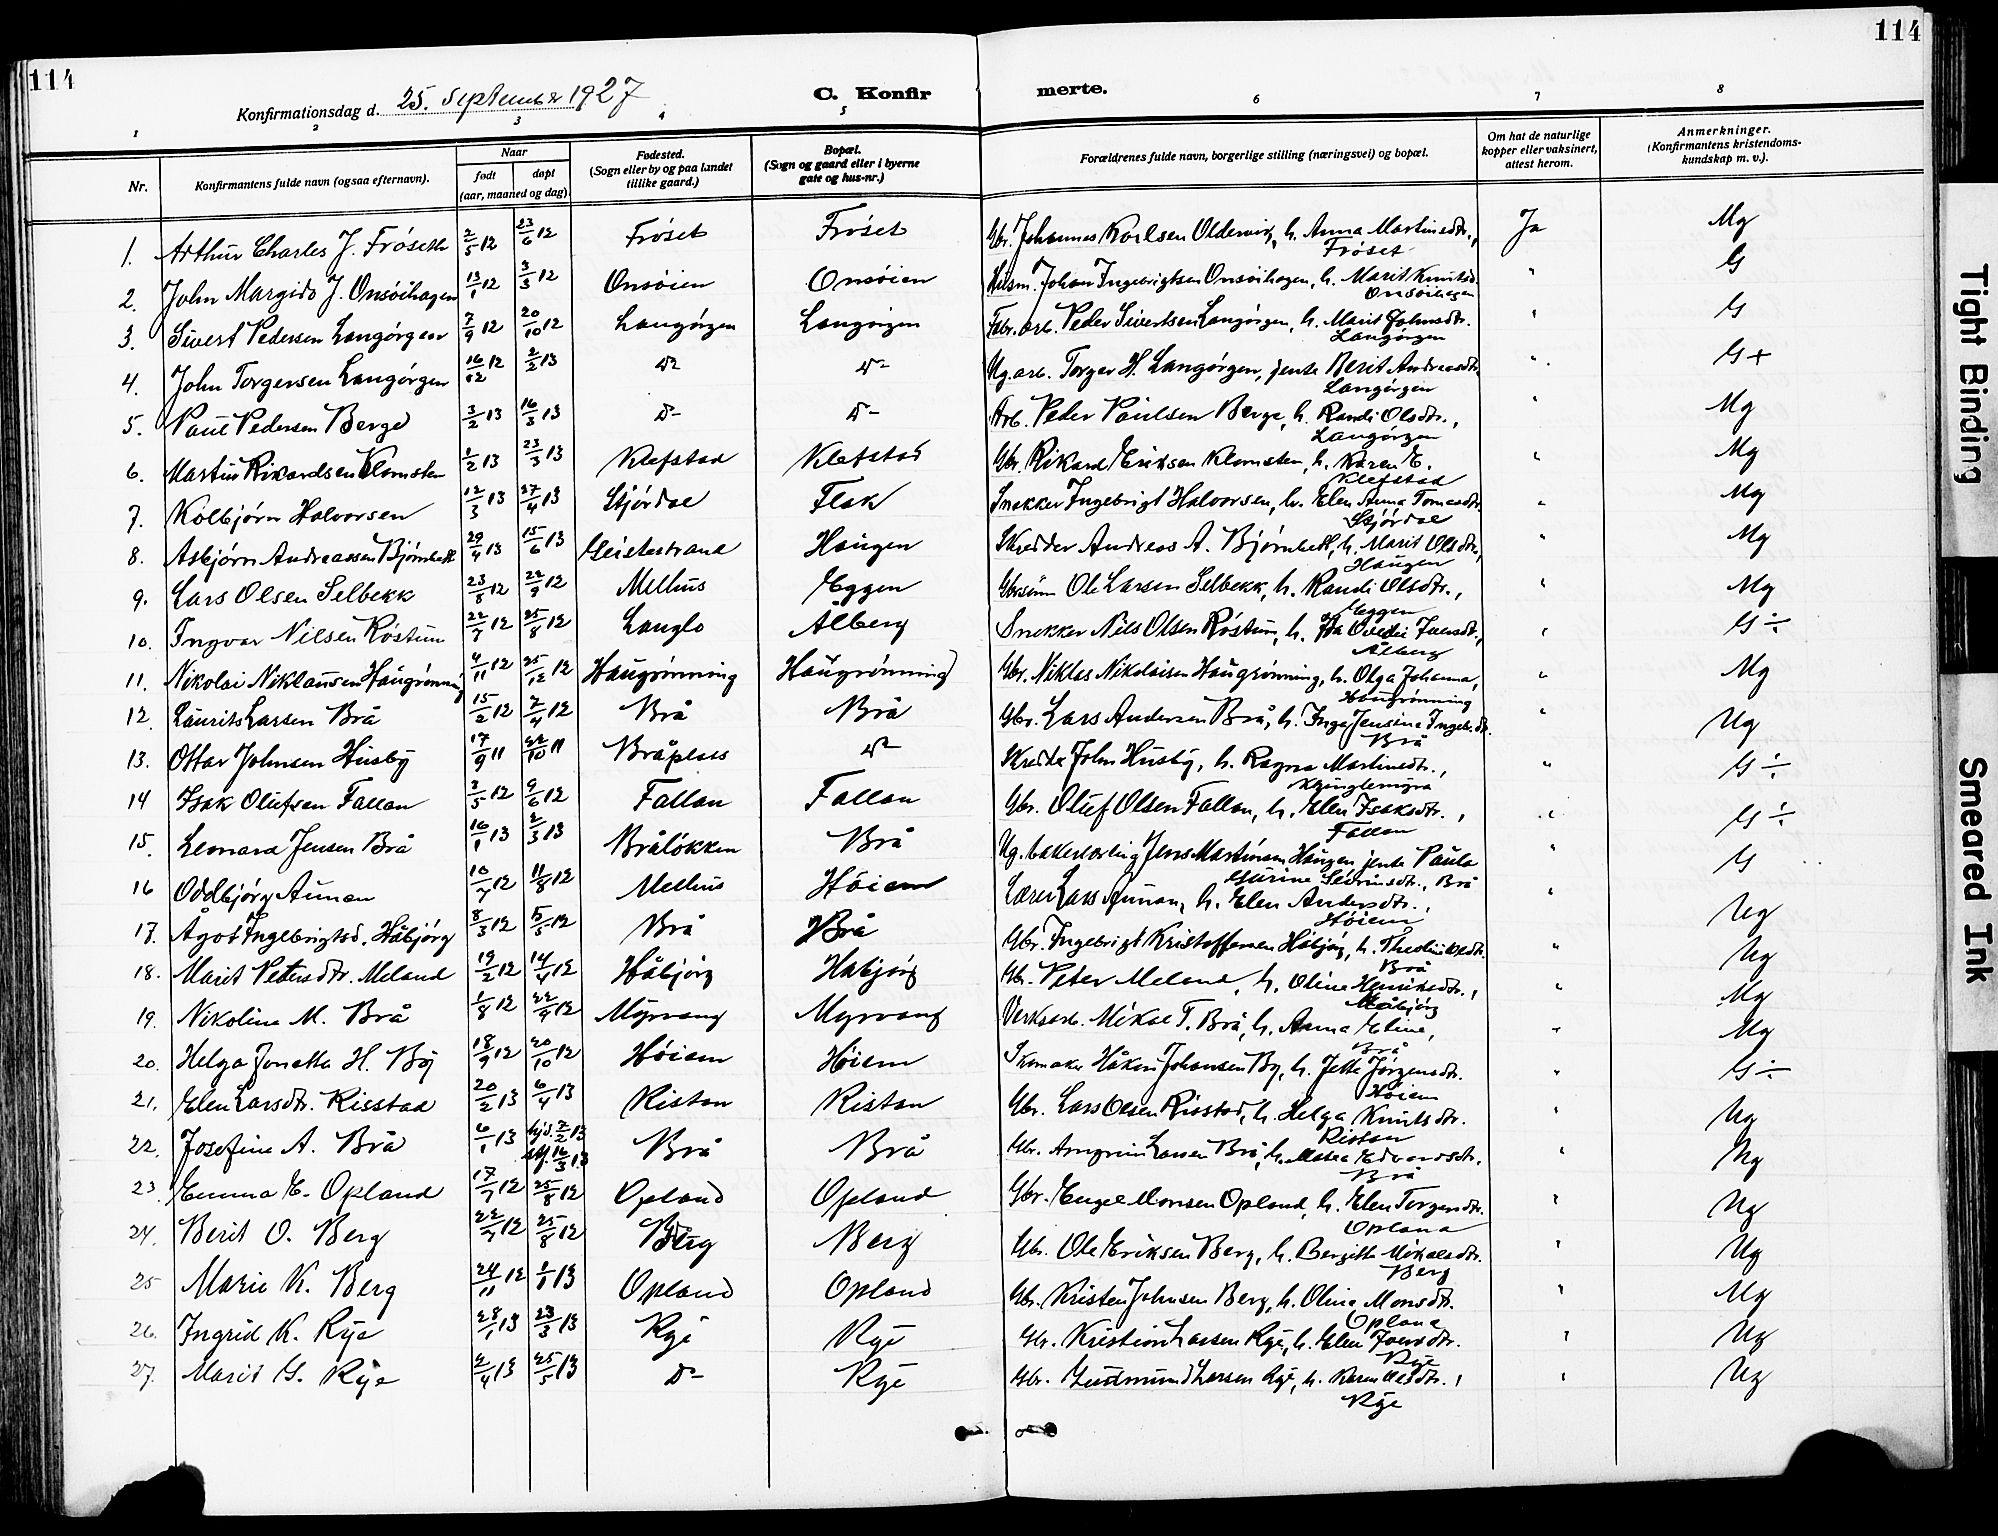 SAT, Ministerialprotokoller, klokkerbøker og fødselsregistre - Sør-Trøndelag, 612/L0388: Klokkerbok nr. 612C04, 1909-1929, s. 114